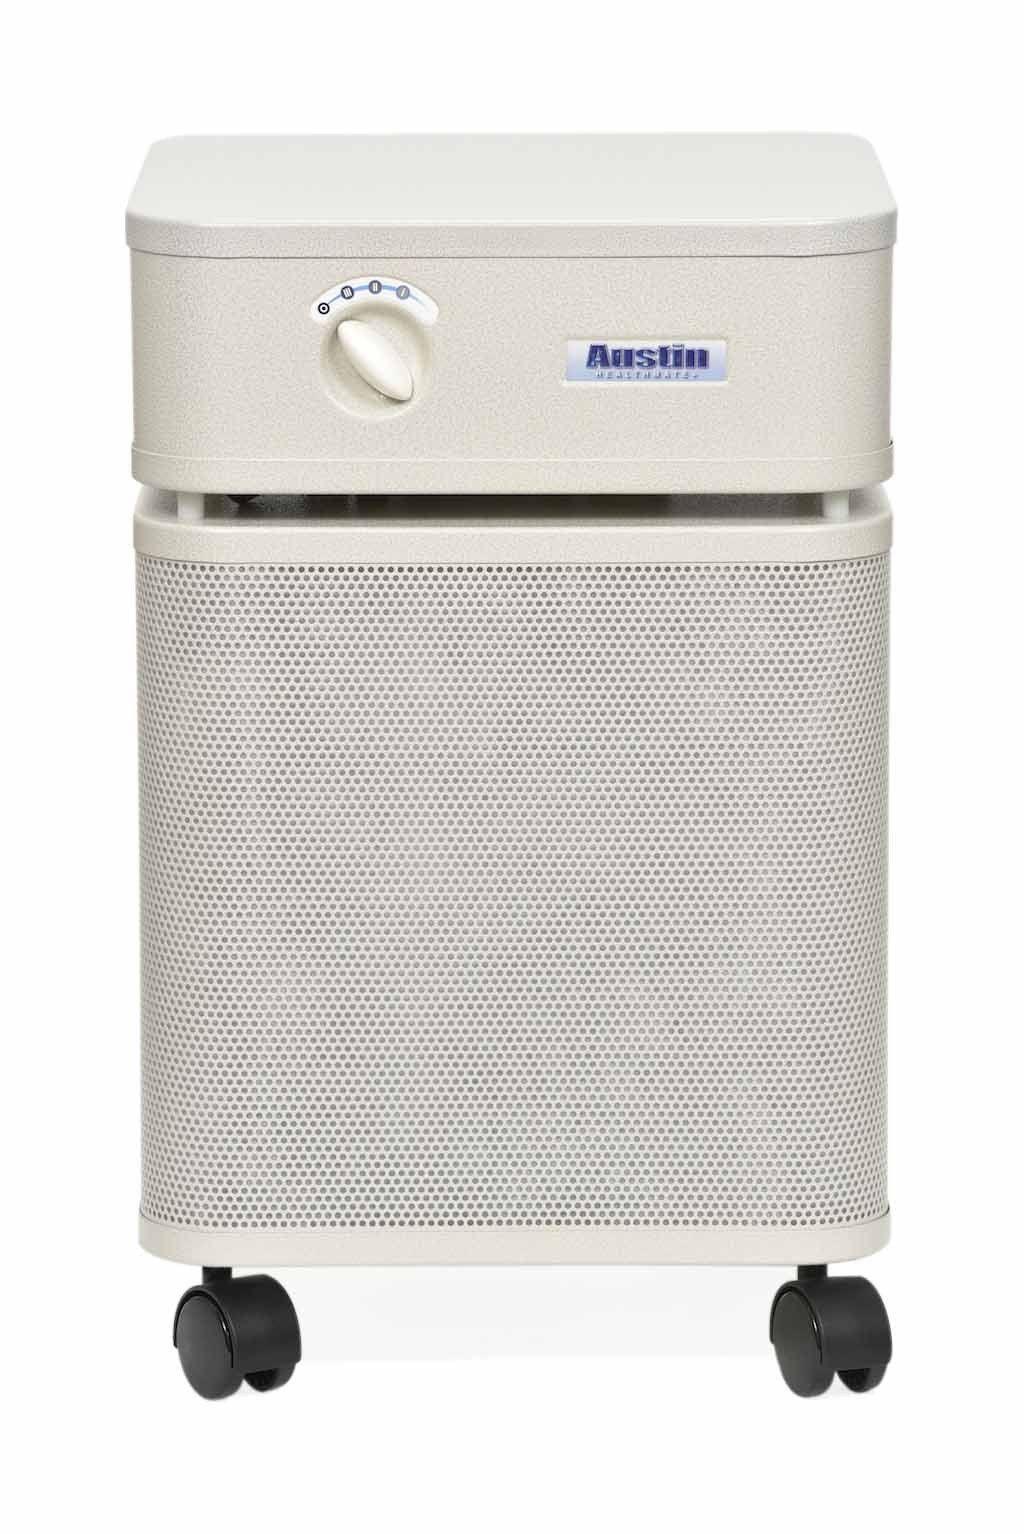 HealthMate + Plus HM450 Standard HEPA Air Purifier Hepa